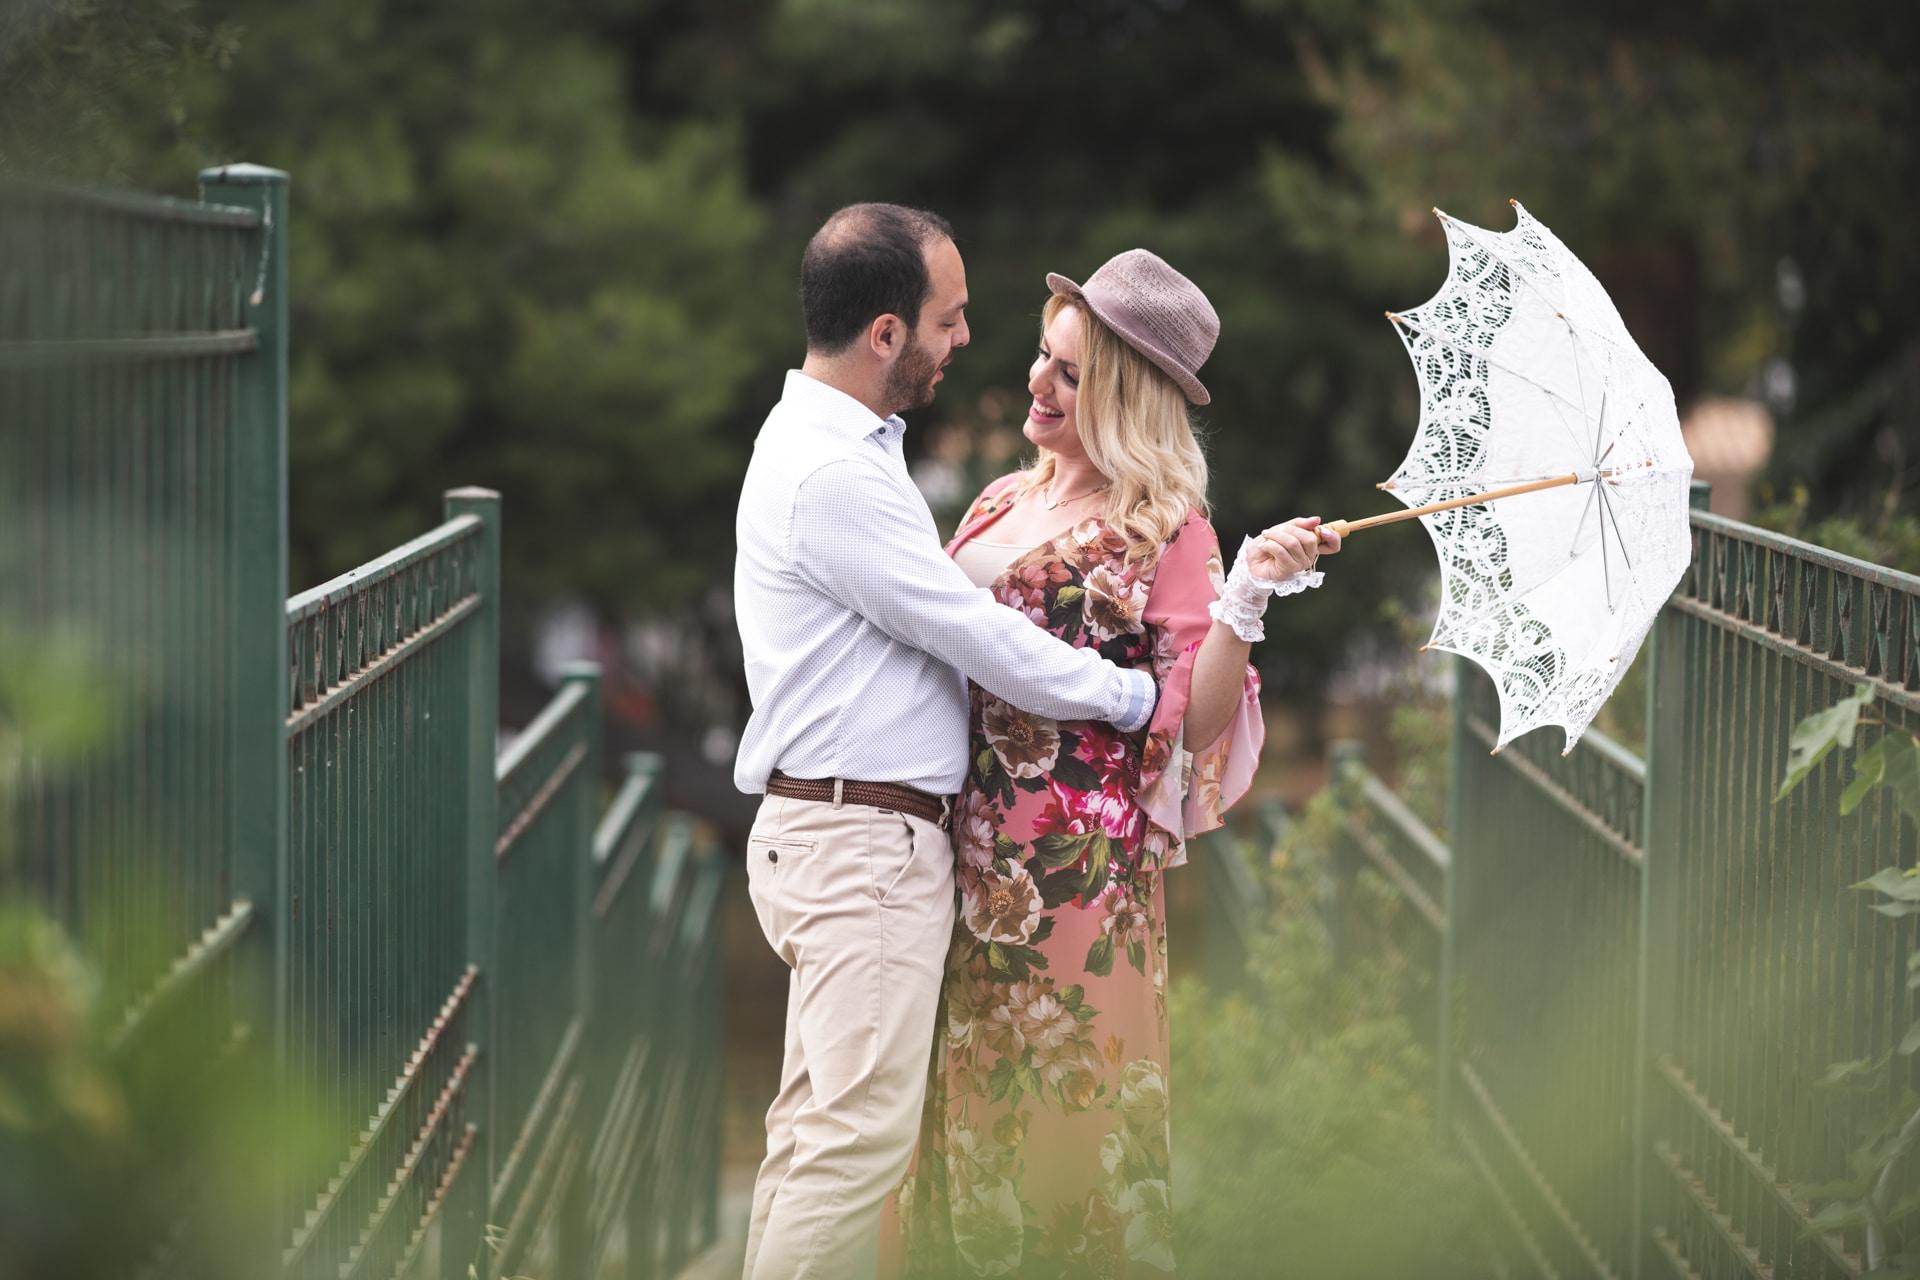 Ρομαντική prewedding φωτογράφιση με την πιο χαρούμενη διάθεση│Ιωάννα & Κώστας